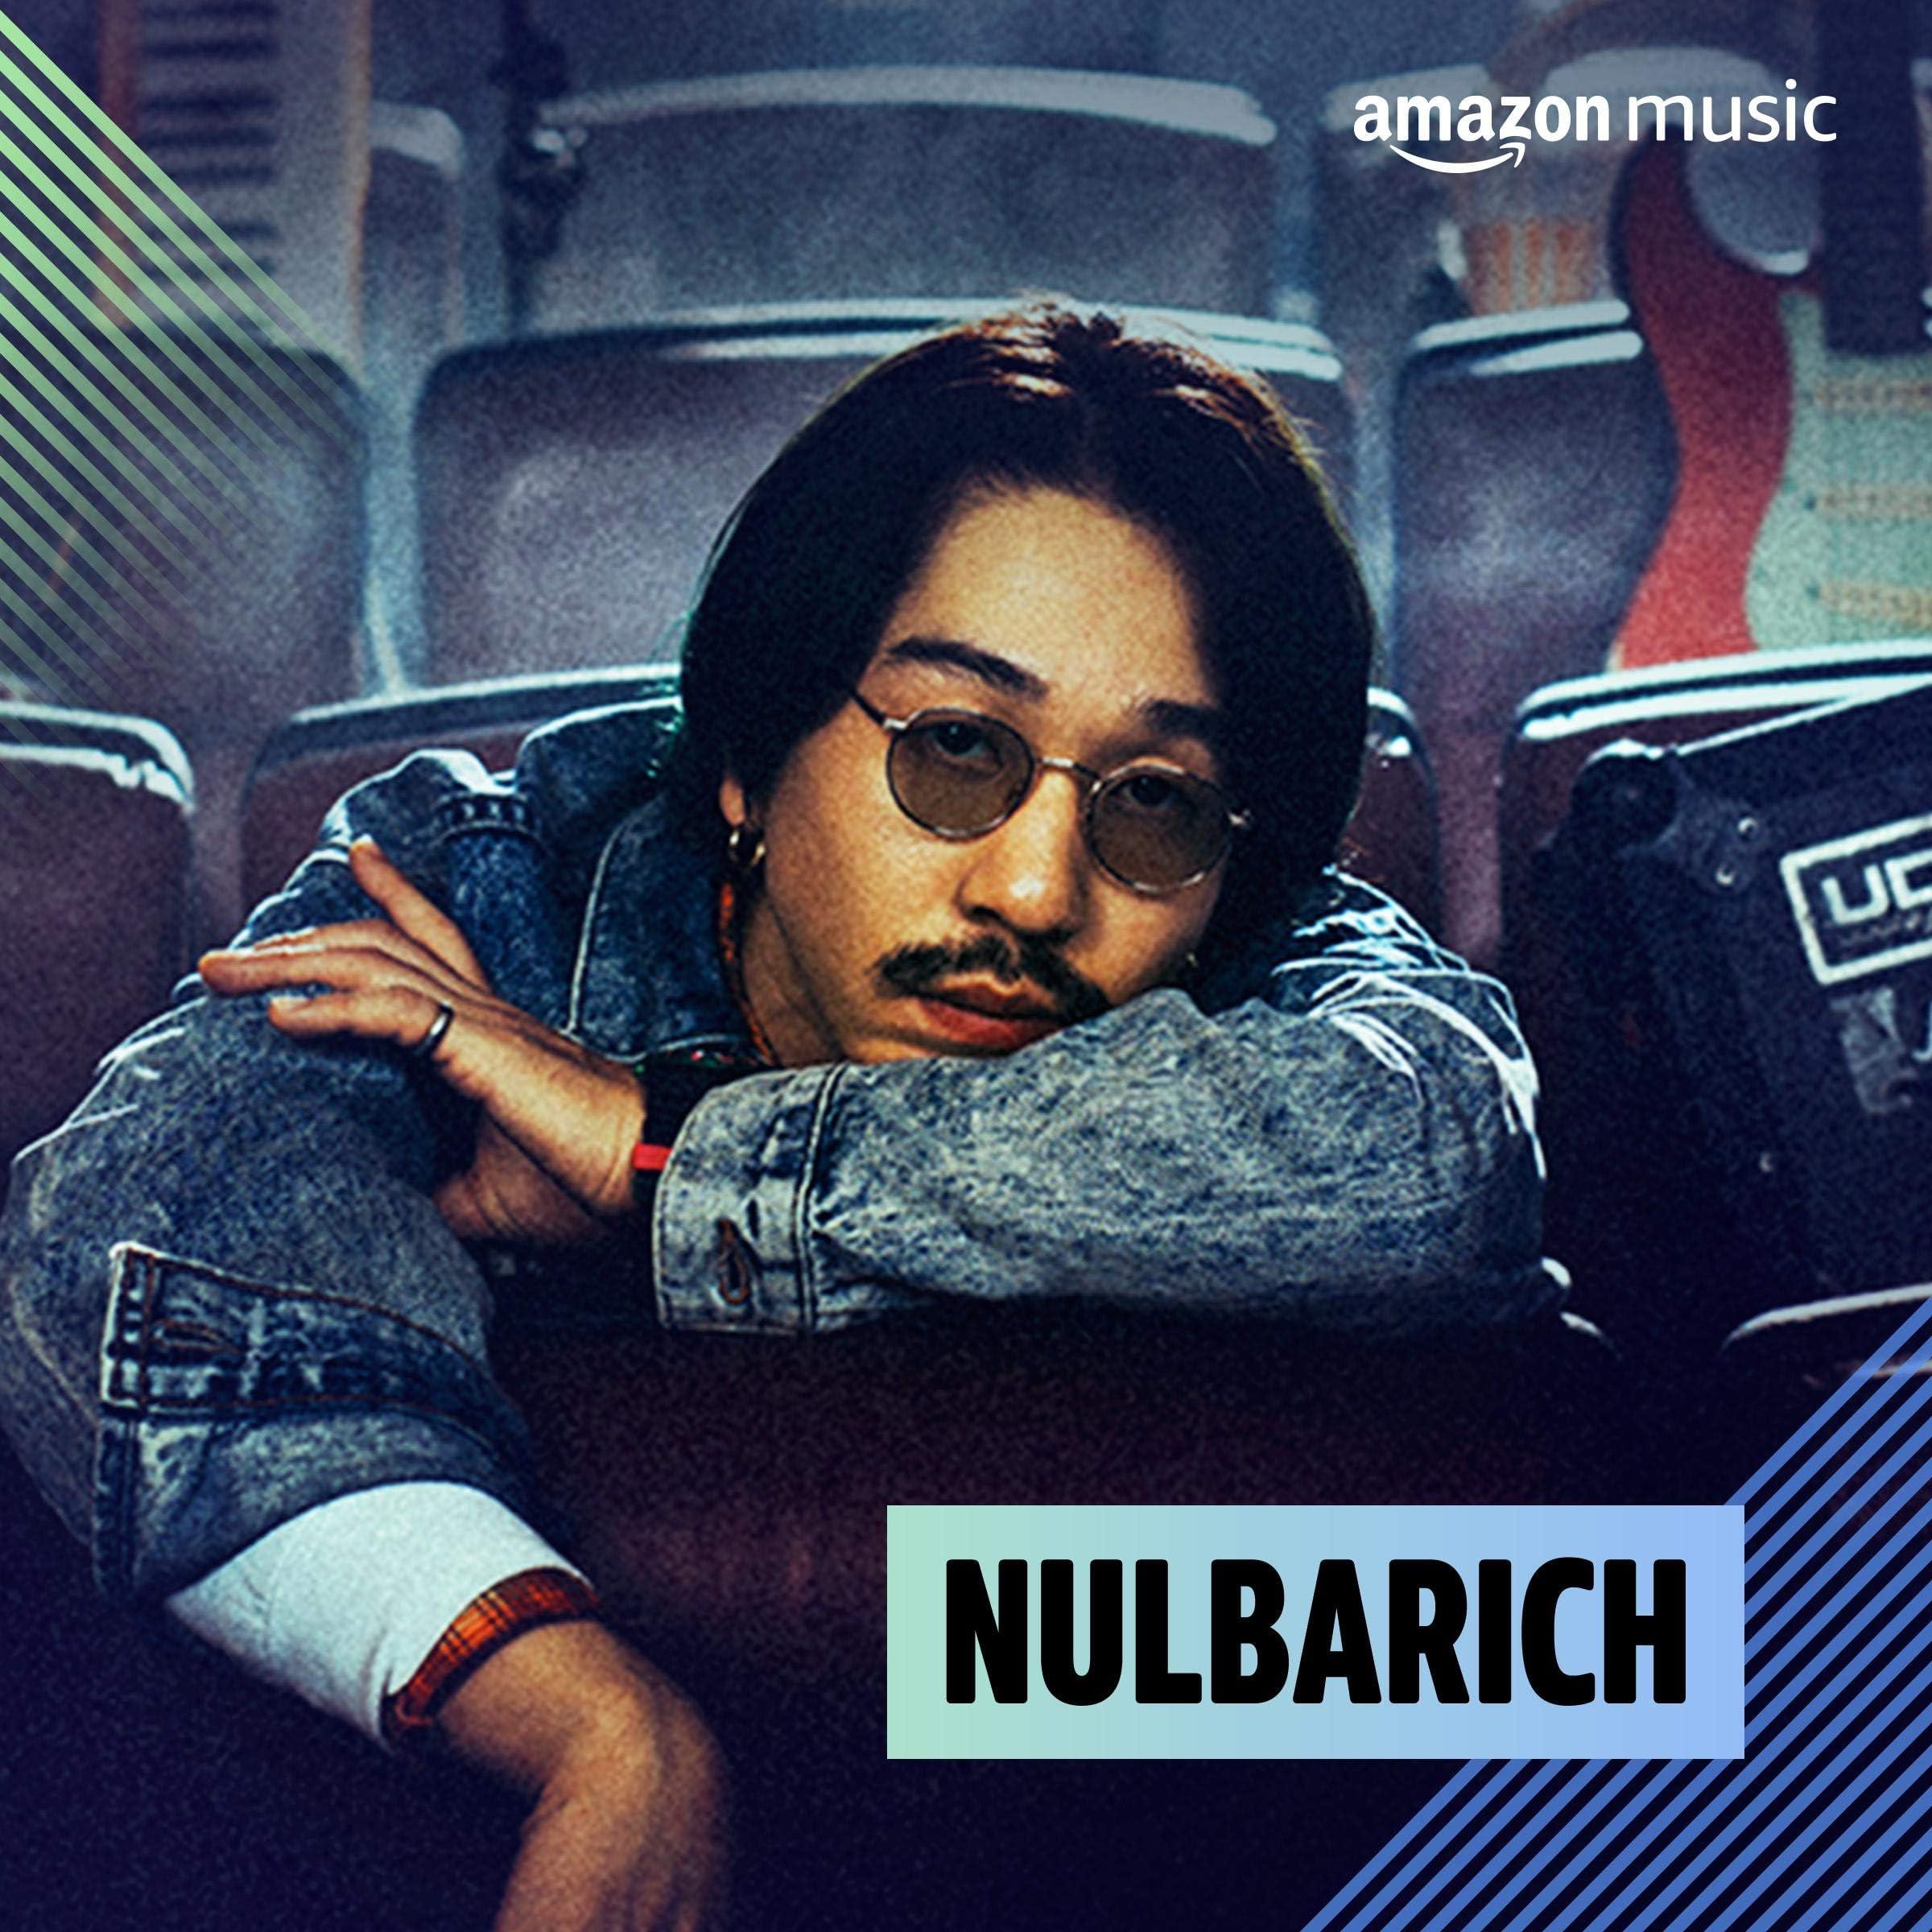 Nulbarichを聴いているお客様におすすめ